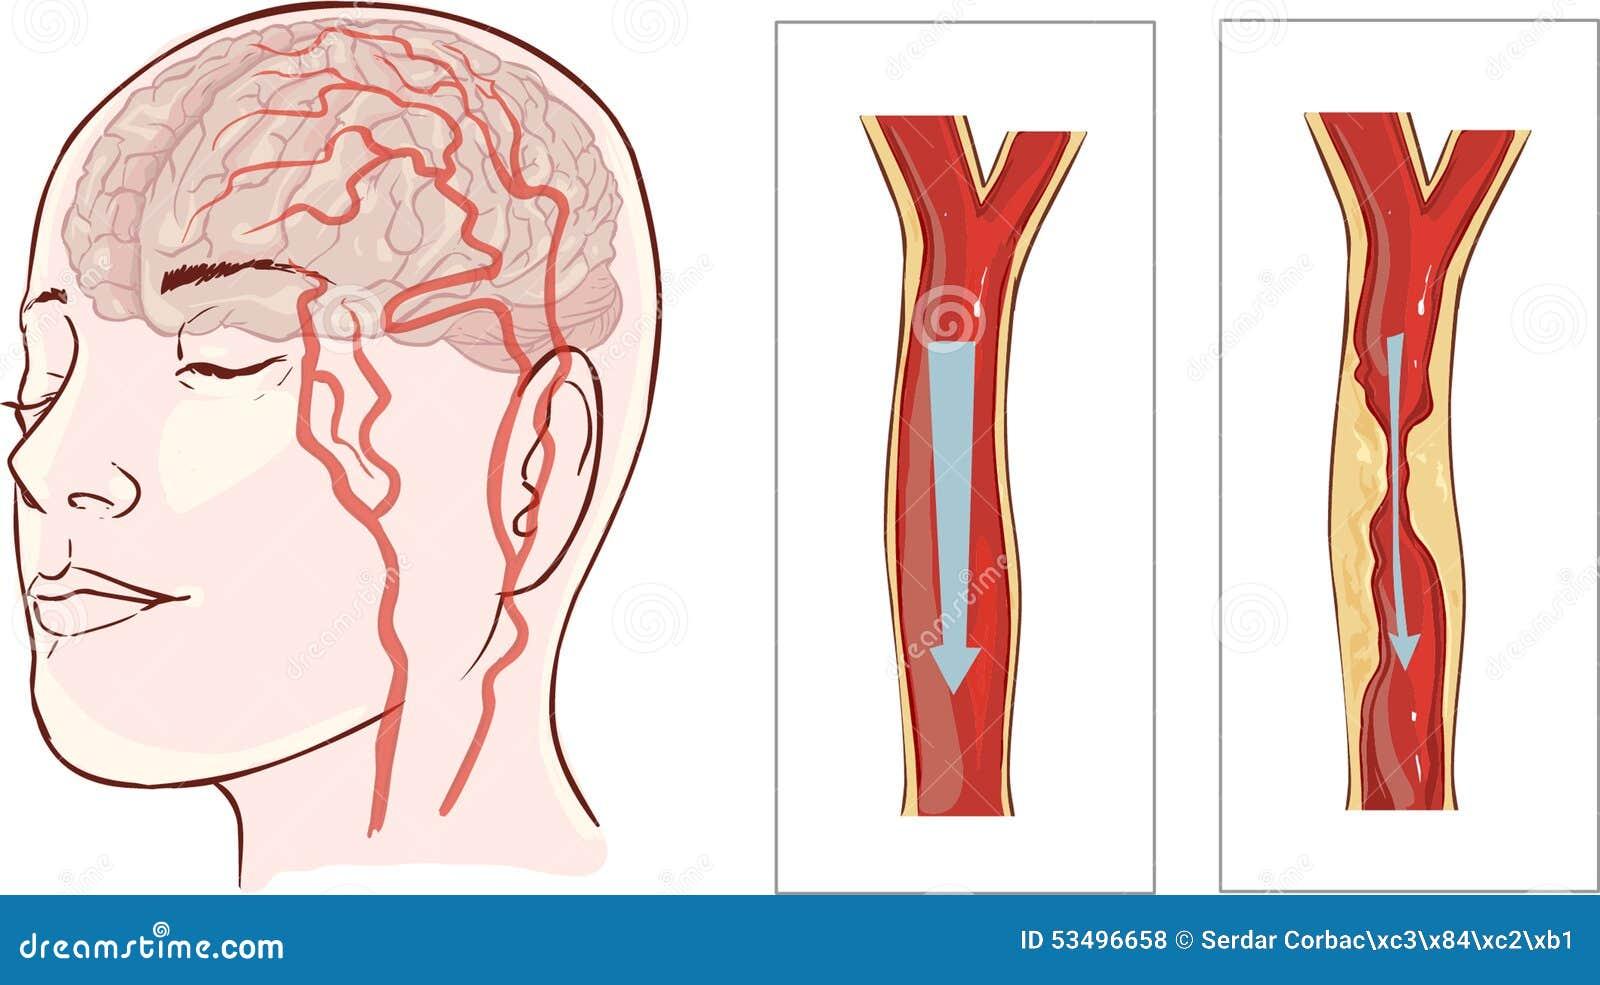 Gehirnanschlag Zerebrale Infarktbildung Vektor Abbildung ...